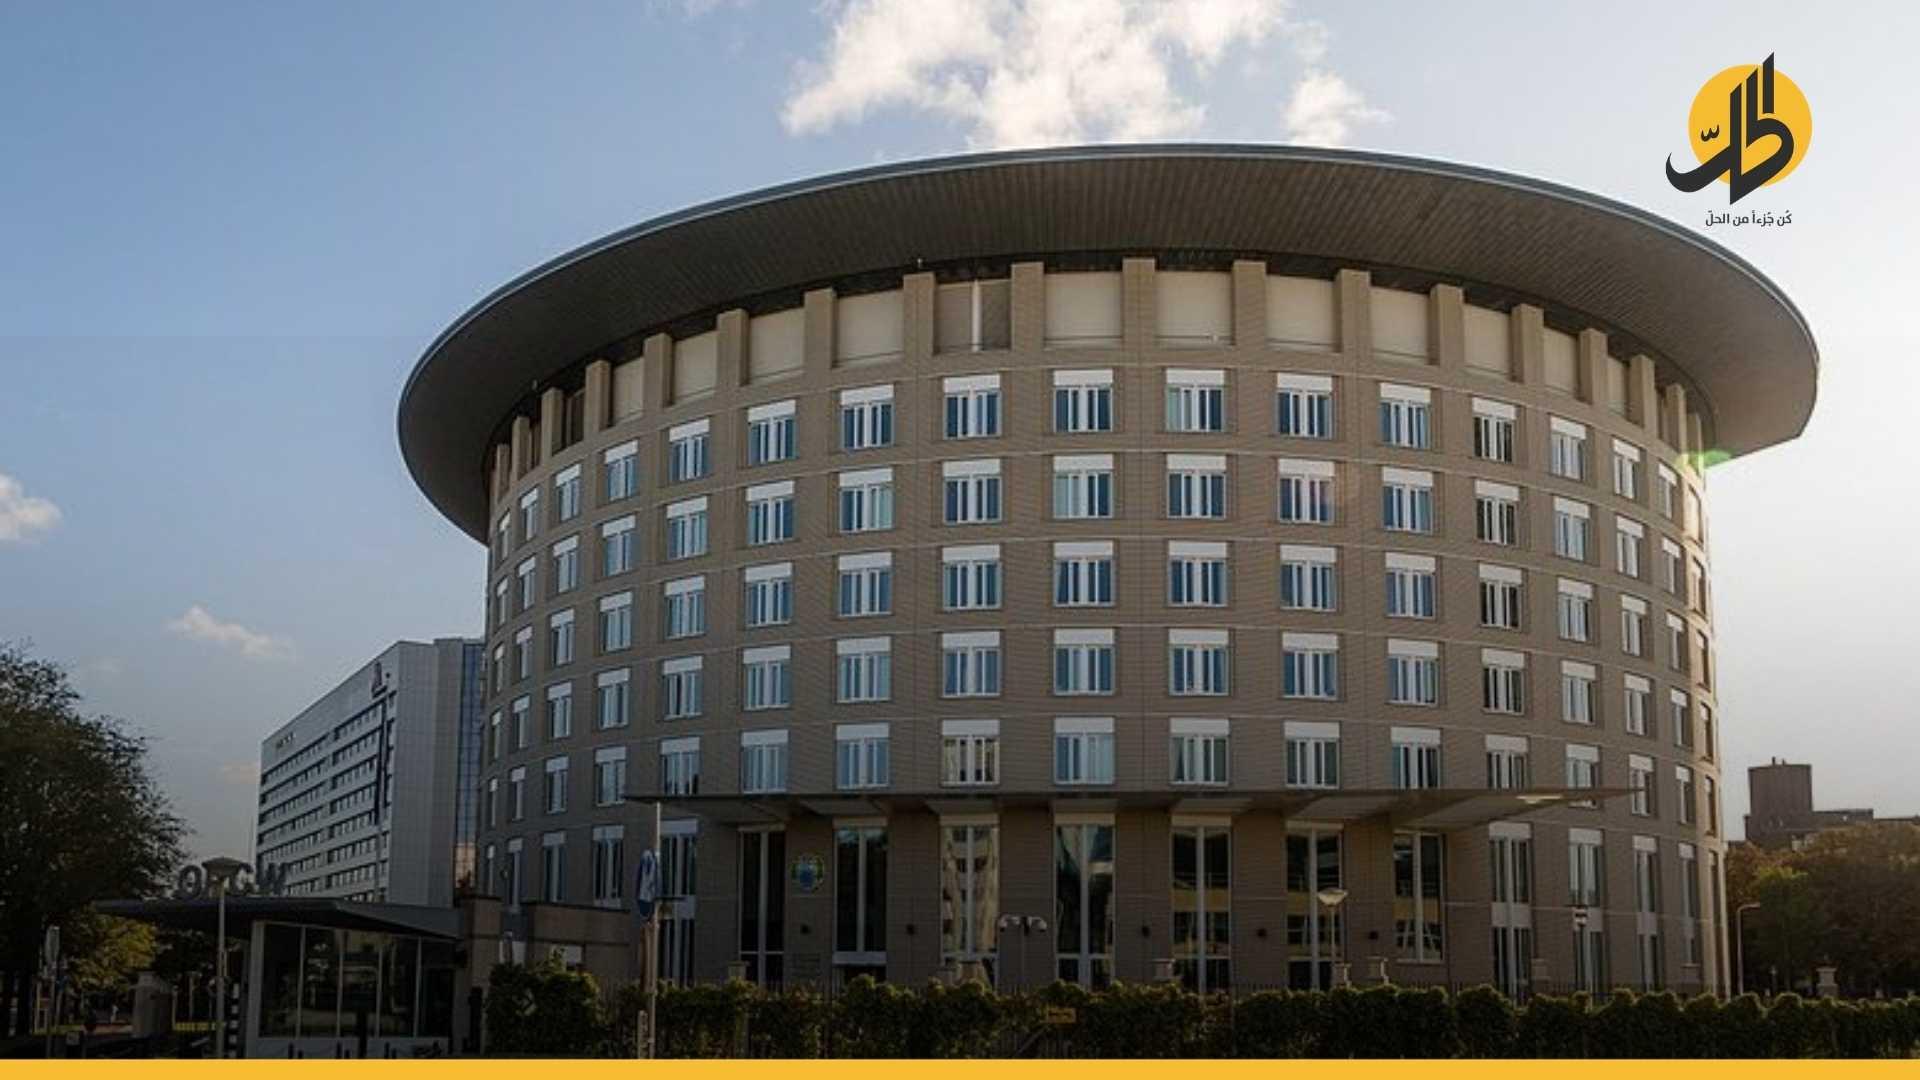 سوريا تفقد حقوق التصويت في منظمة مراقبة الأسلحة الكيماوية بعد تورطها في استخدام غازات سامة